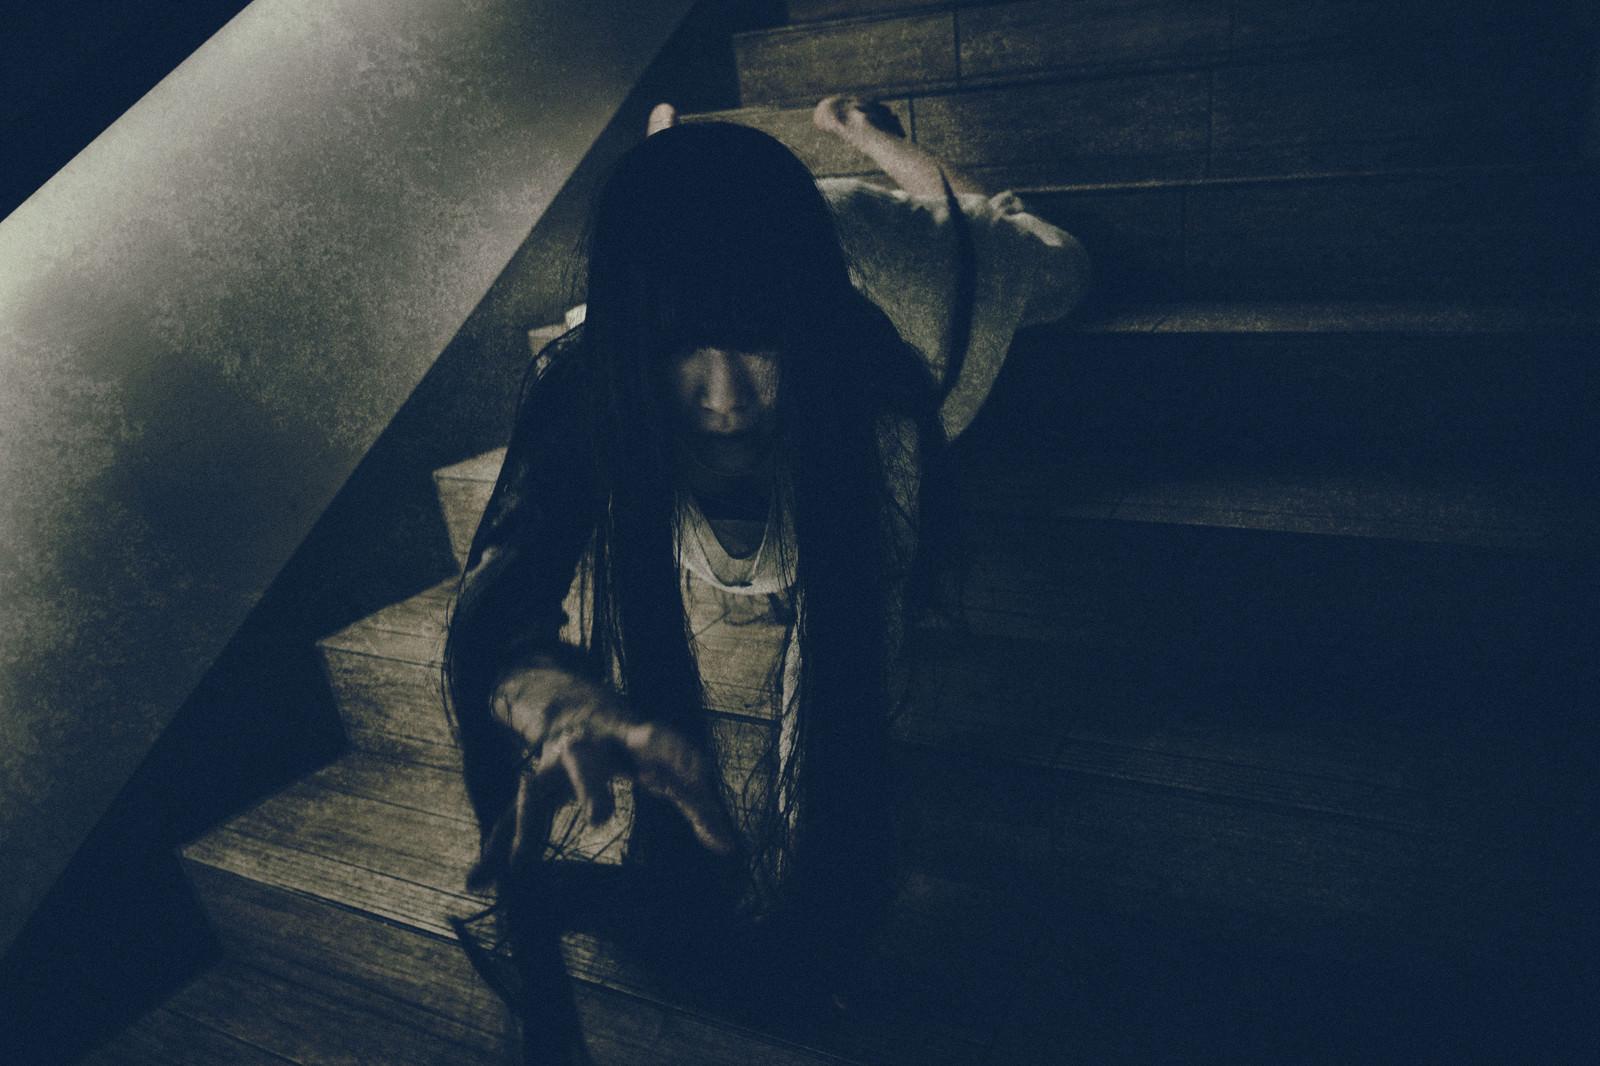 「階段を這い降りながらこちらに手を伸ばす女性 | 写真の無料素材・フリー素材 - ぱくたそ」の写真[モデル:緋真煉]